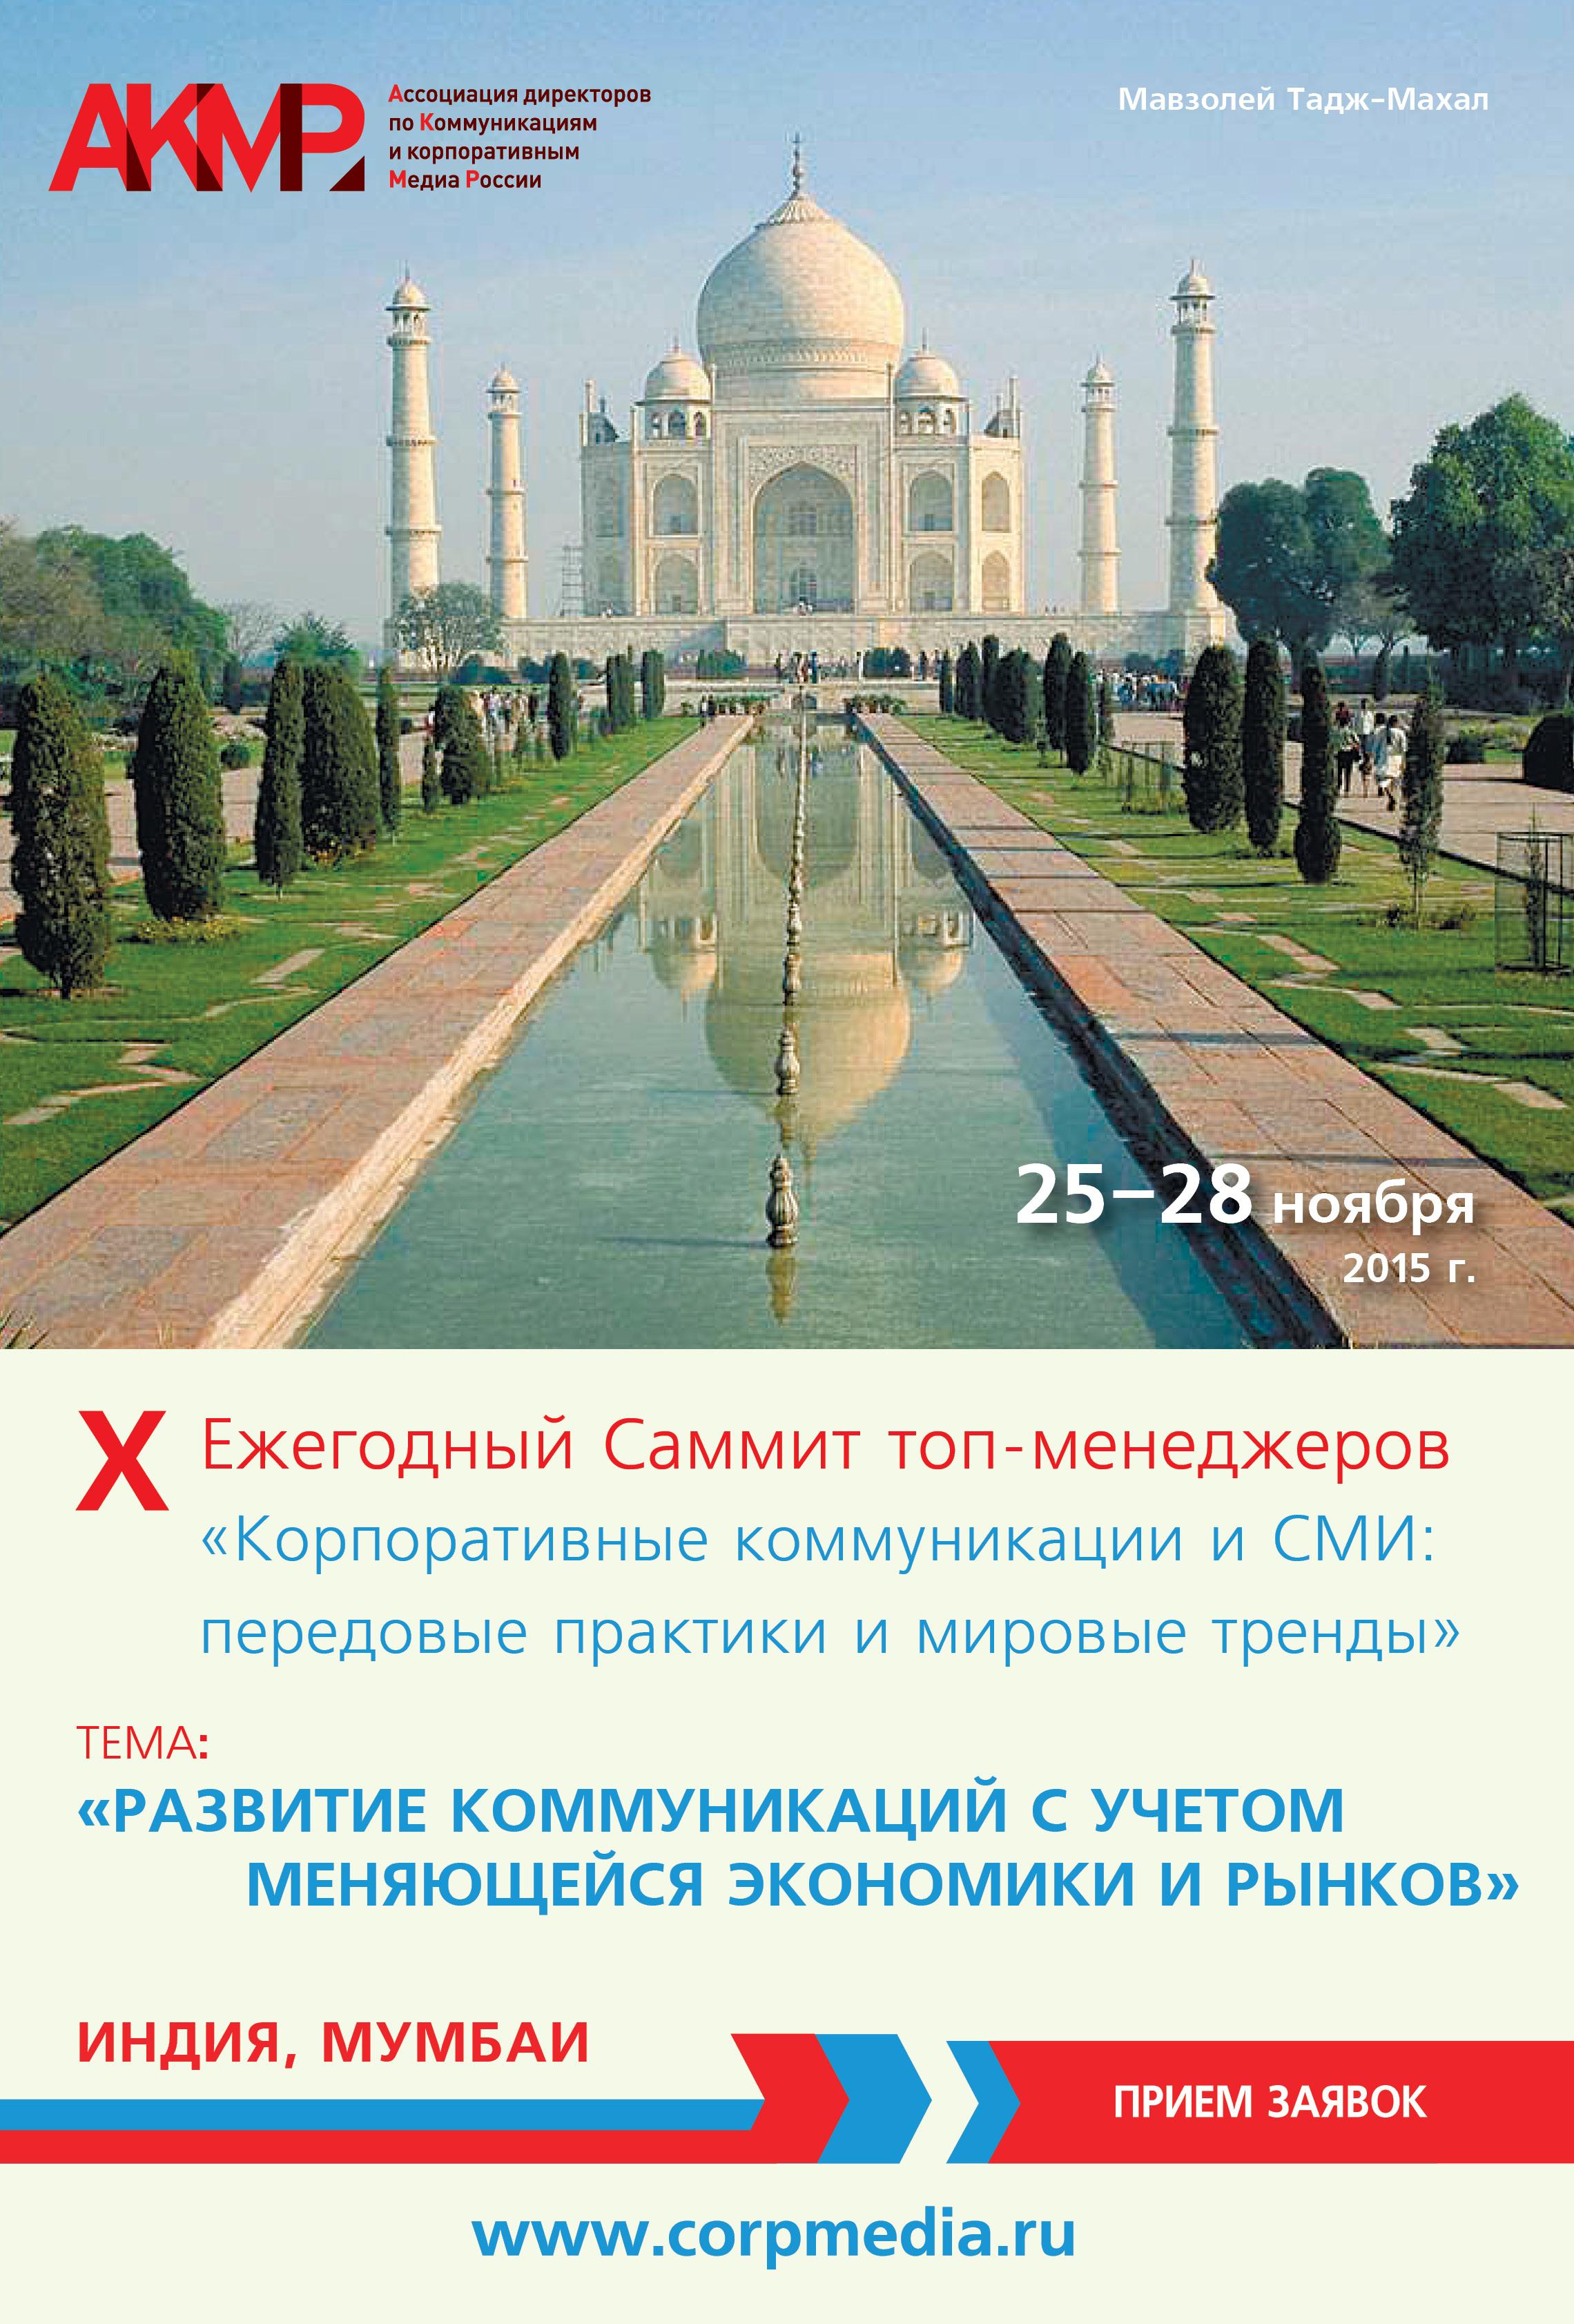 Во время X Ежегодного Саммита АКМР 25-28 ноября 2015 состоятся встречи в The Economic Times и Grey Group Asia Pacific